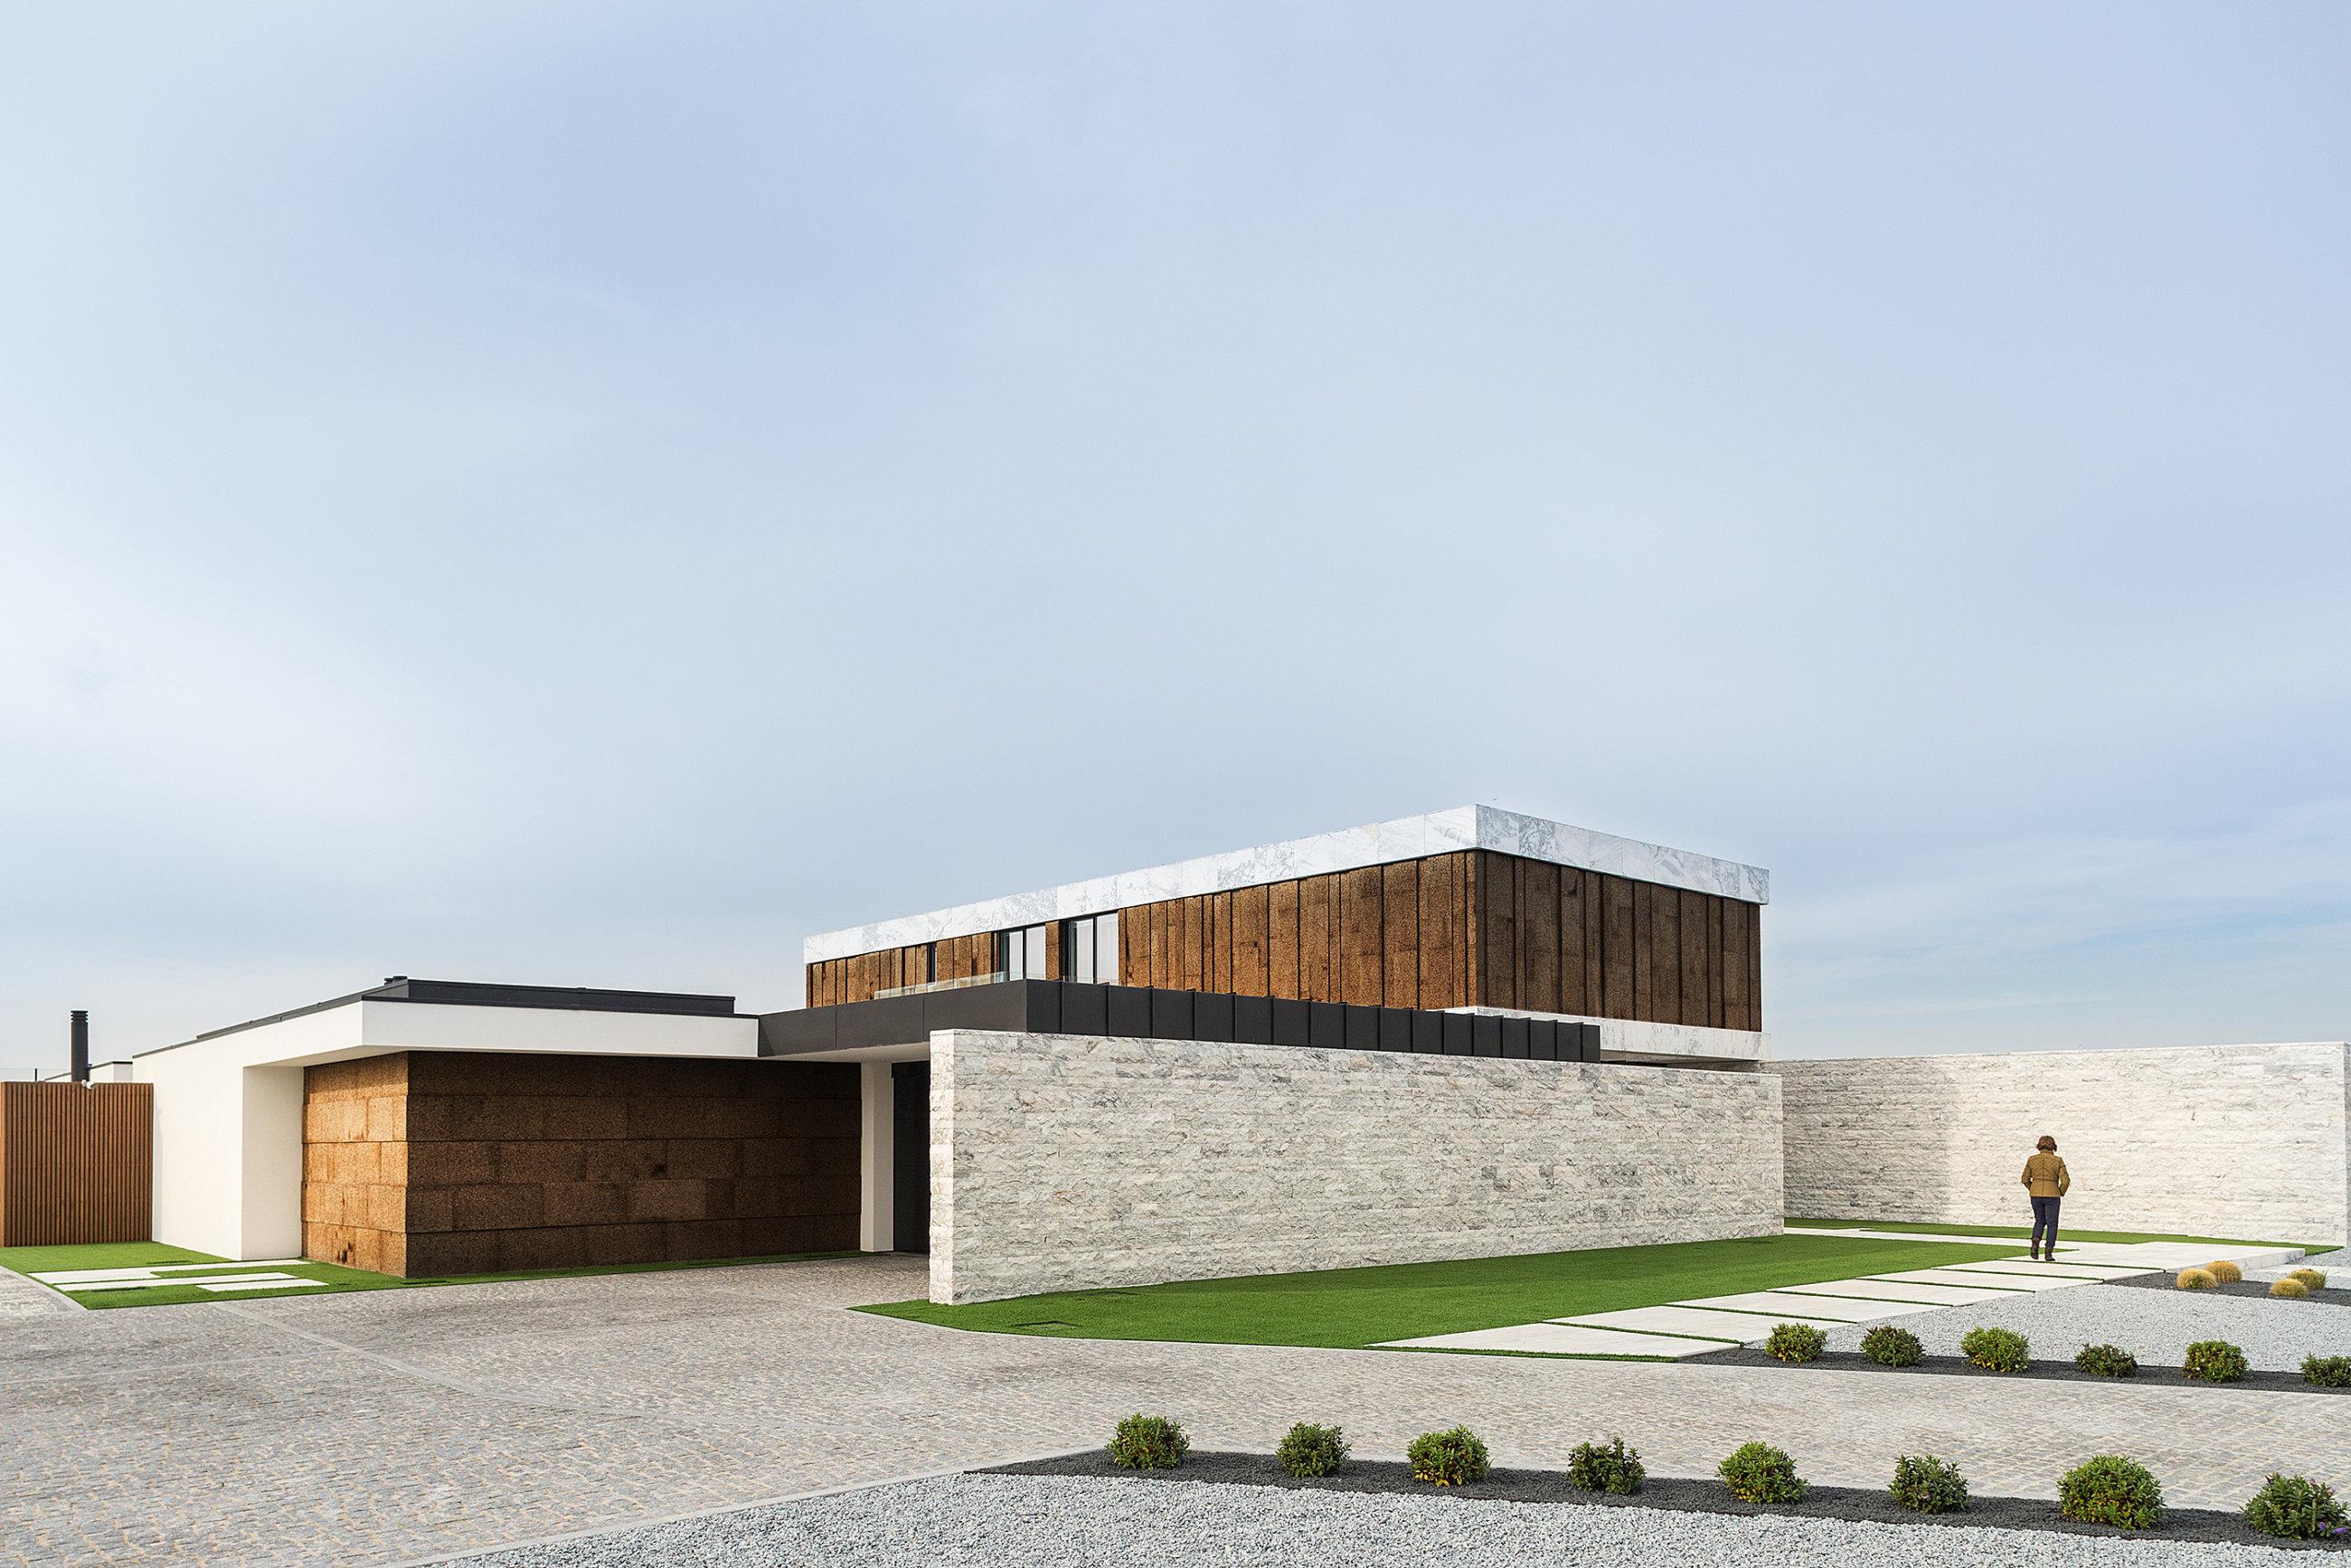 Reportagem Fotografia De Arquitectura Portuguesa Fotografo Ivo Tavares Studio Casa privada do atelier Risco Singular